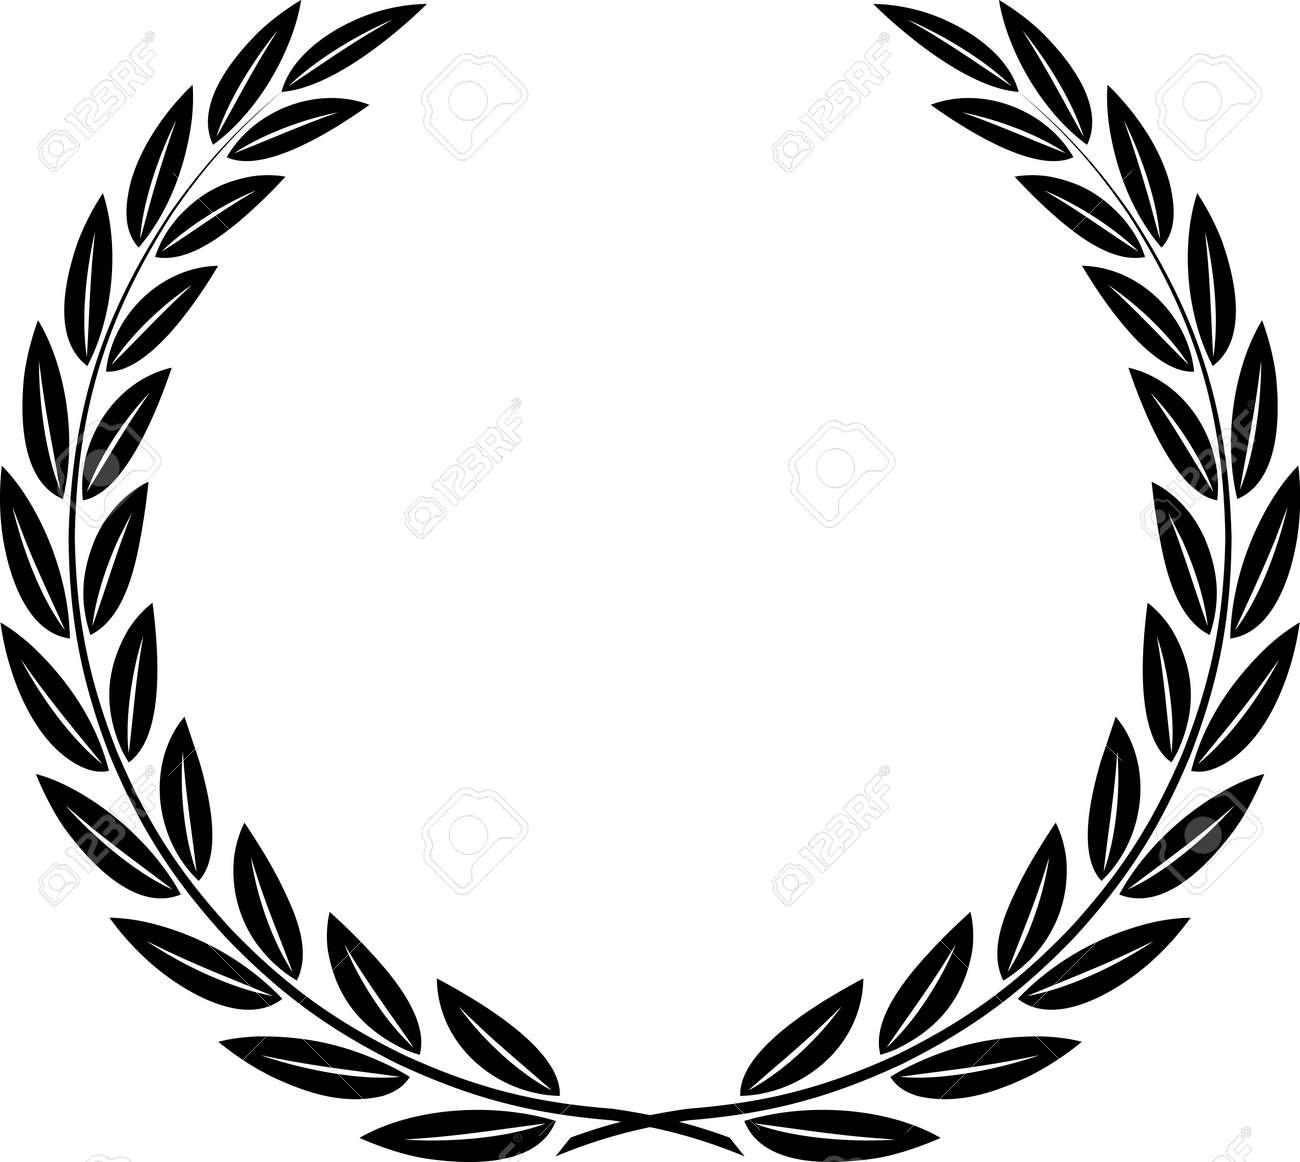 Laurel Wreath Vector - 52870120